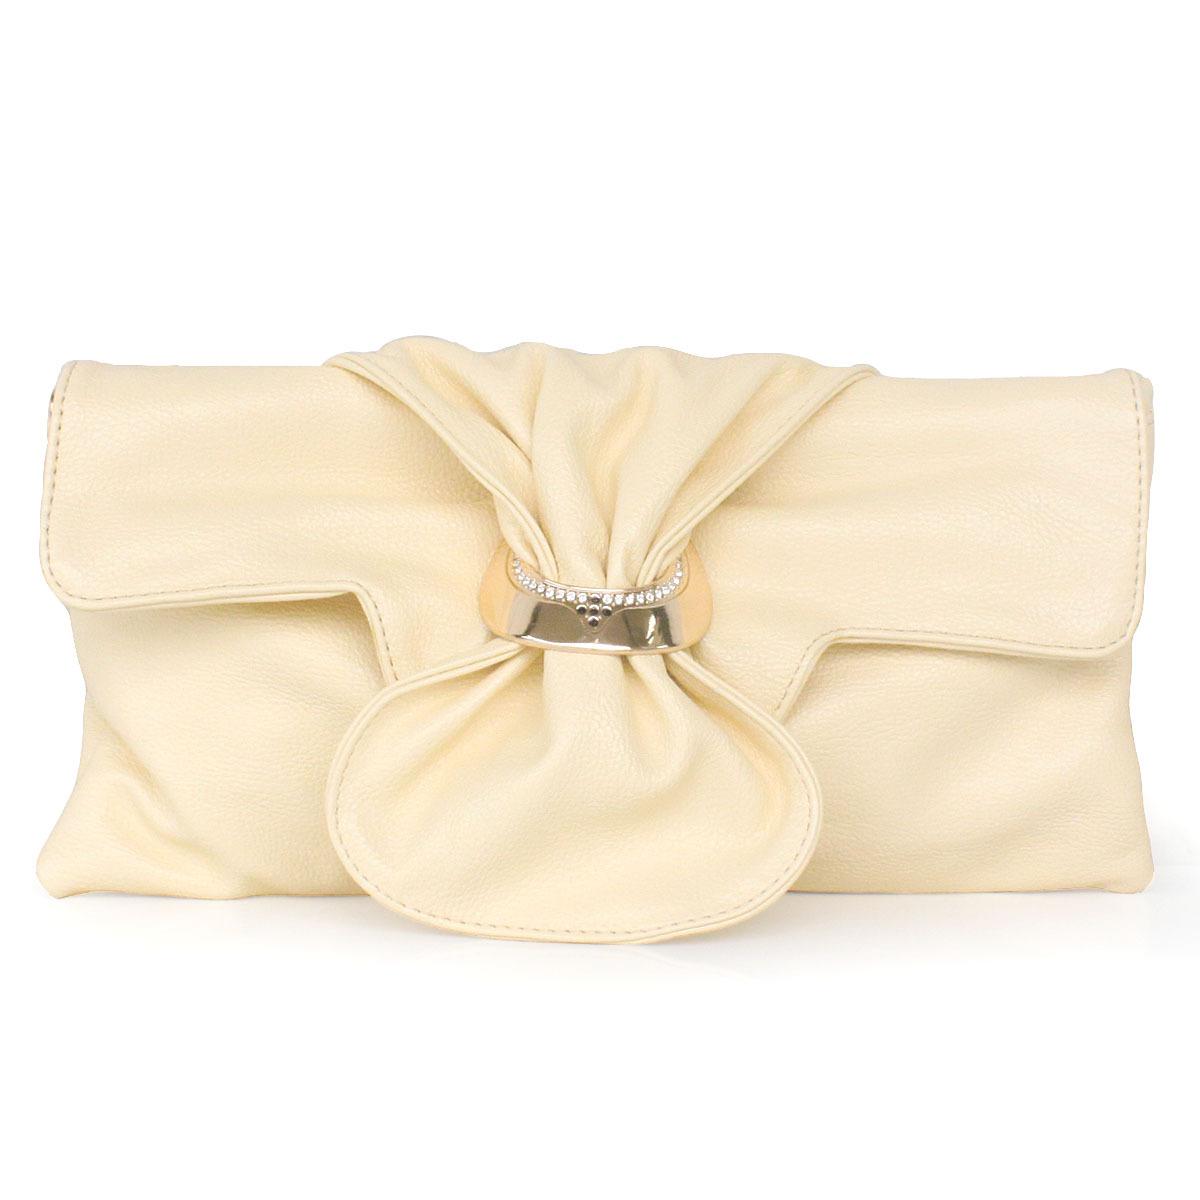 2013新款新娘包包结婚包晚宴包宴会包手拿包婚纱礼服 U44